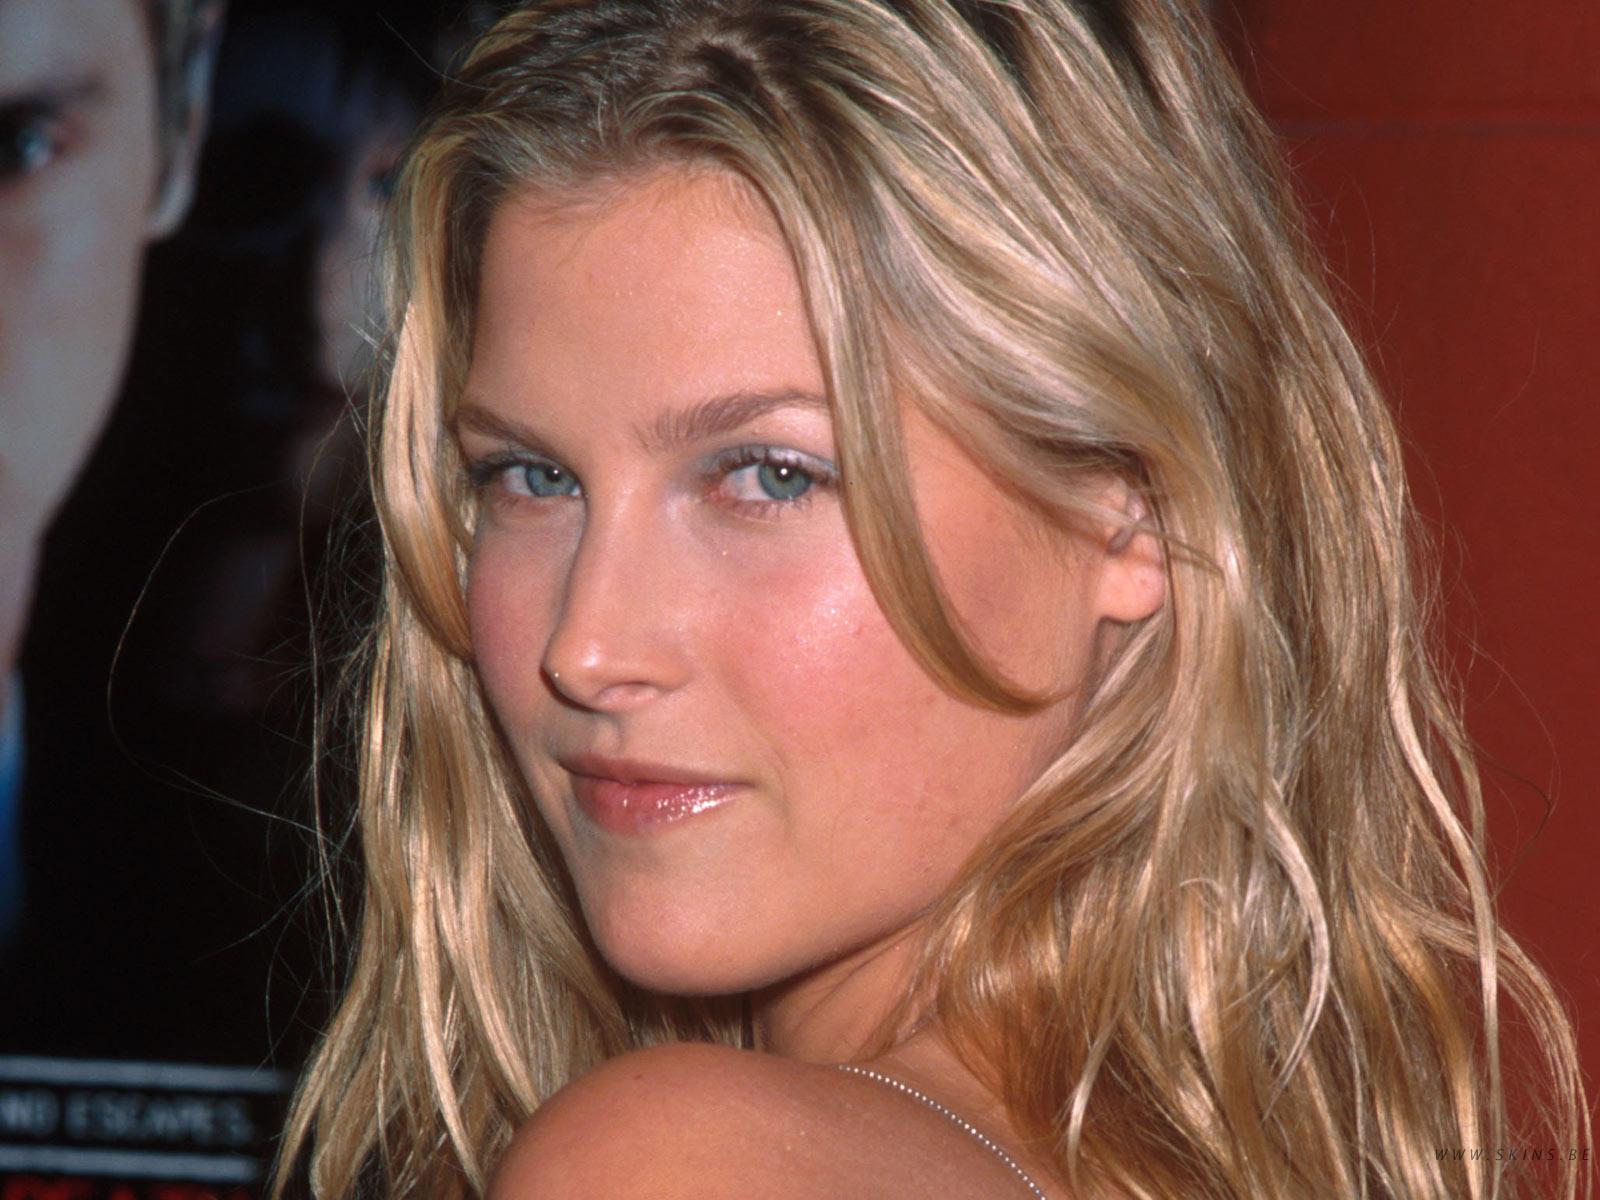 http://3.bp.blogspot.com/_GCAuqodmOE4/TRKKO6-FIHI/AAAAAAAAF7A/DfK-SDnv2Co/s1600/Ali+Larter+Hot+Actress+%25281%2529.jpg